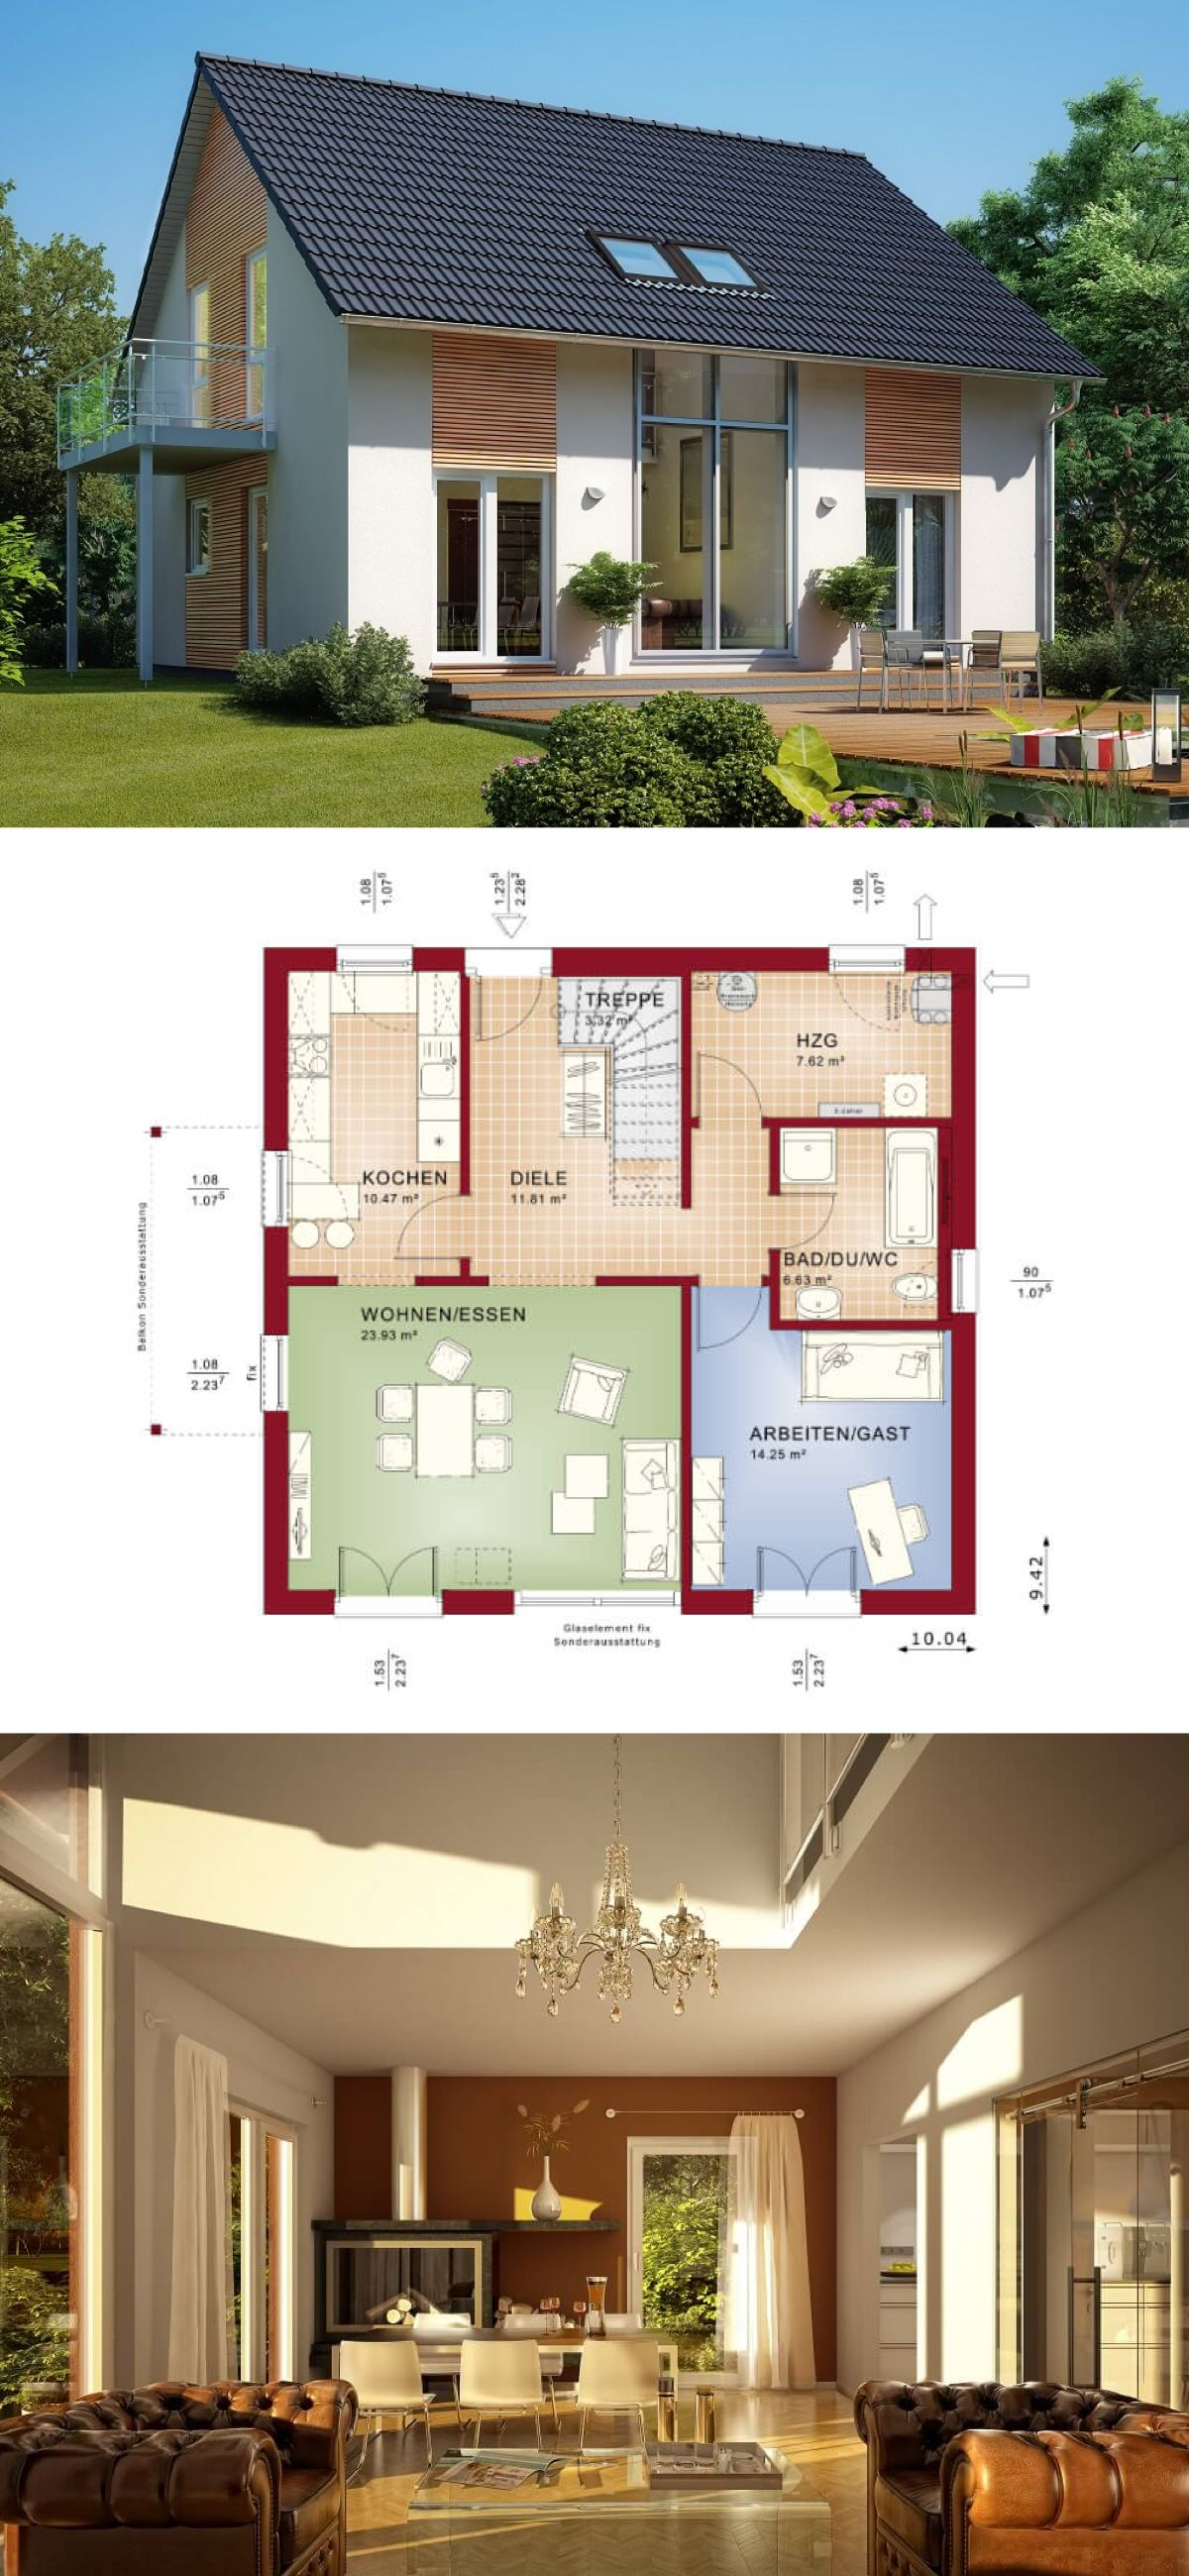 Modernes Einfamilienhaus Mit Galerie Und Satteldach Architektur   Grundriss  Haus Ideen Celebration 150 V2 Bien